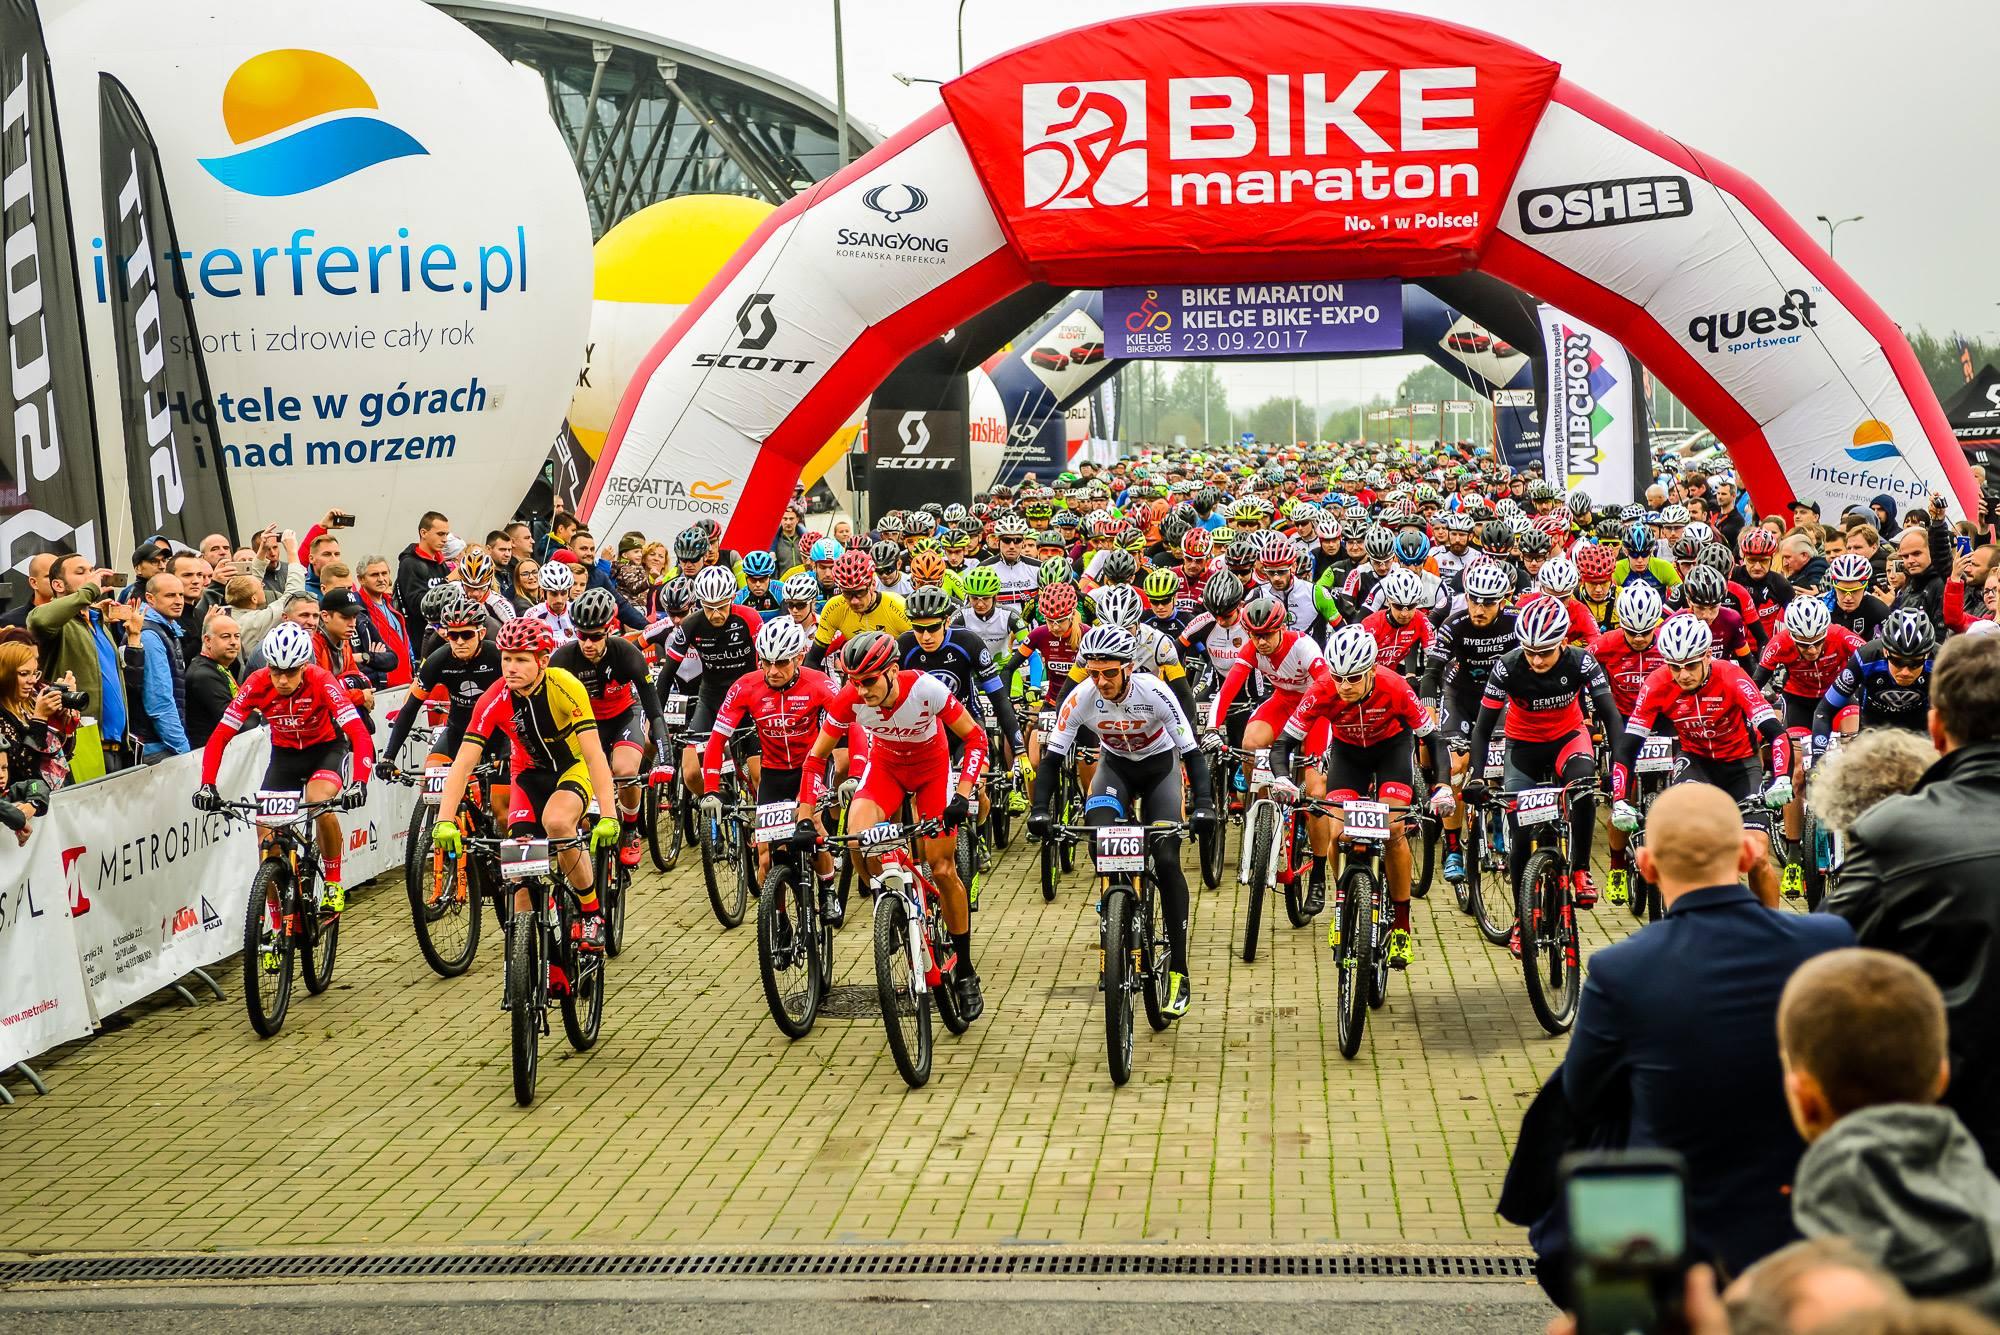 Bike Maraton Kielce Bike – Expo. Nie za płasko, nie za łatwo, nie za sucho…